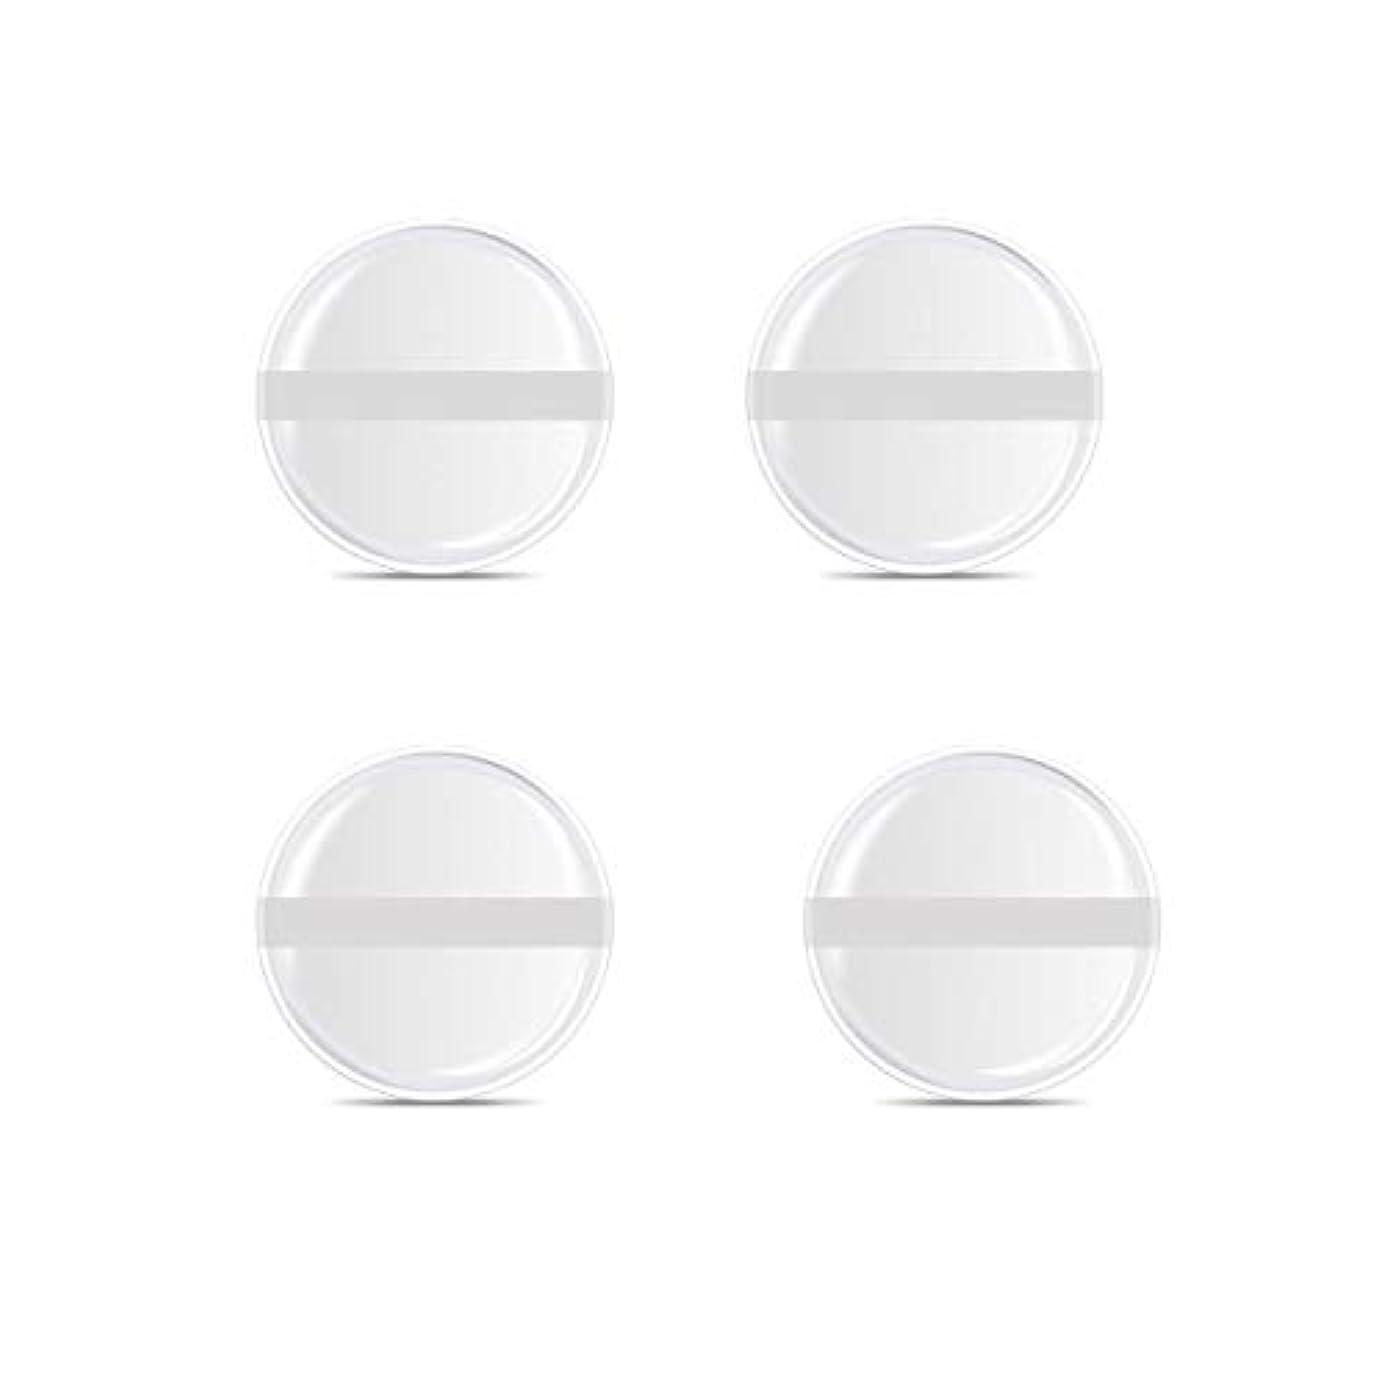 シリコンパフ 帯付き メイクスポンジ (円形 4入り)